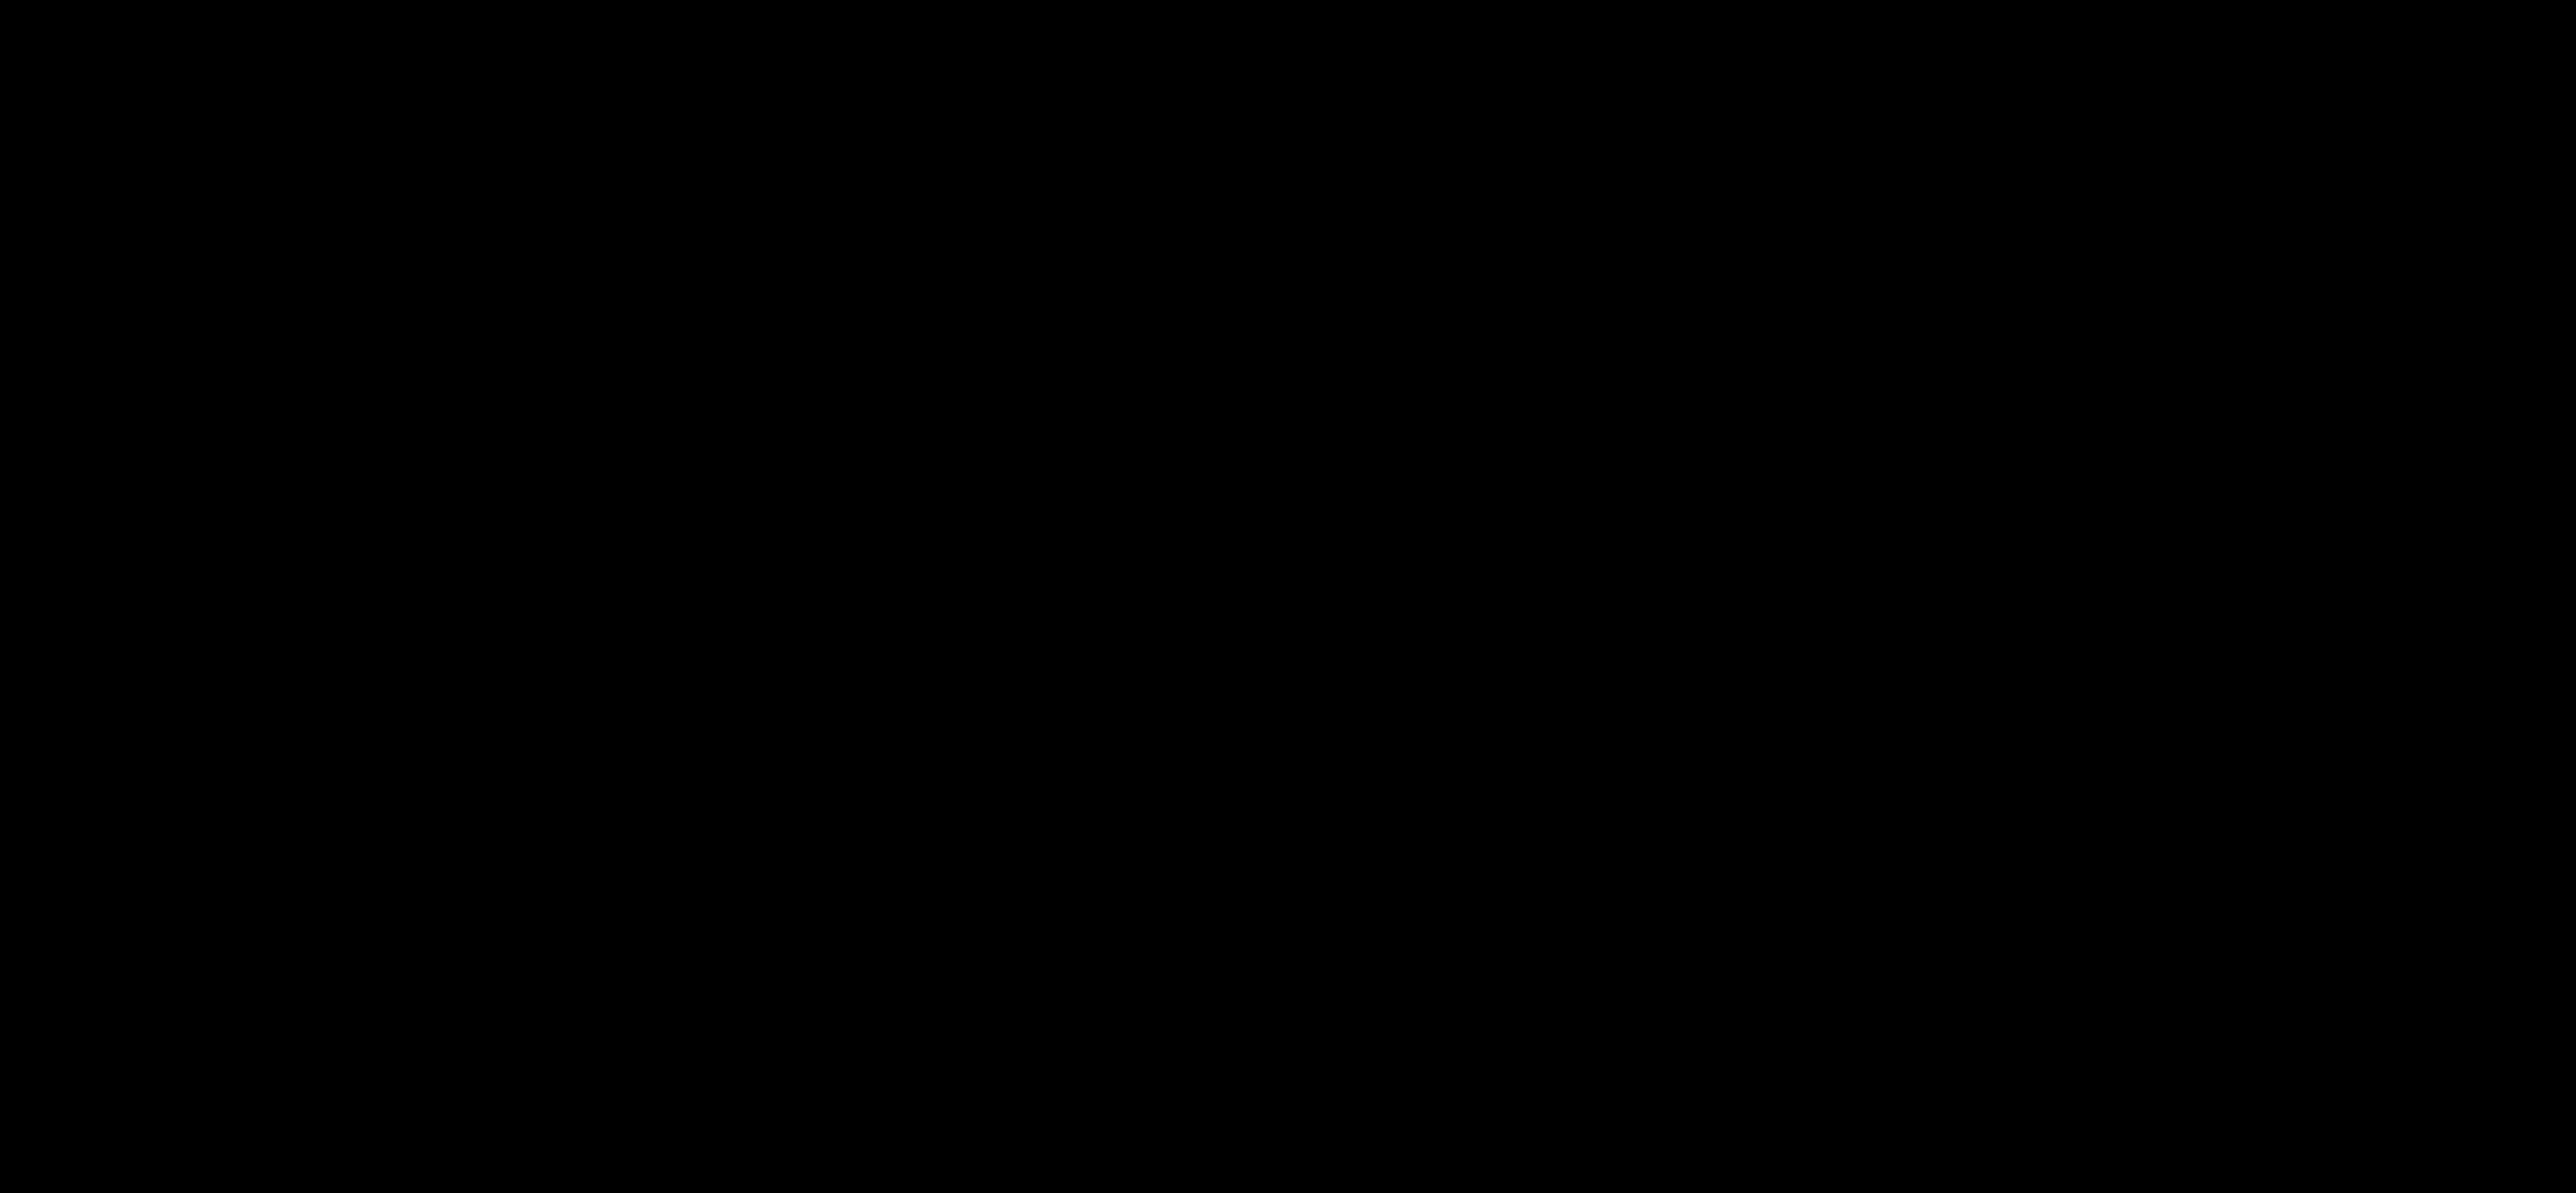 JW Tweeds